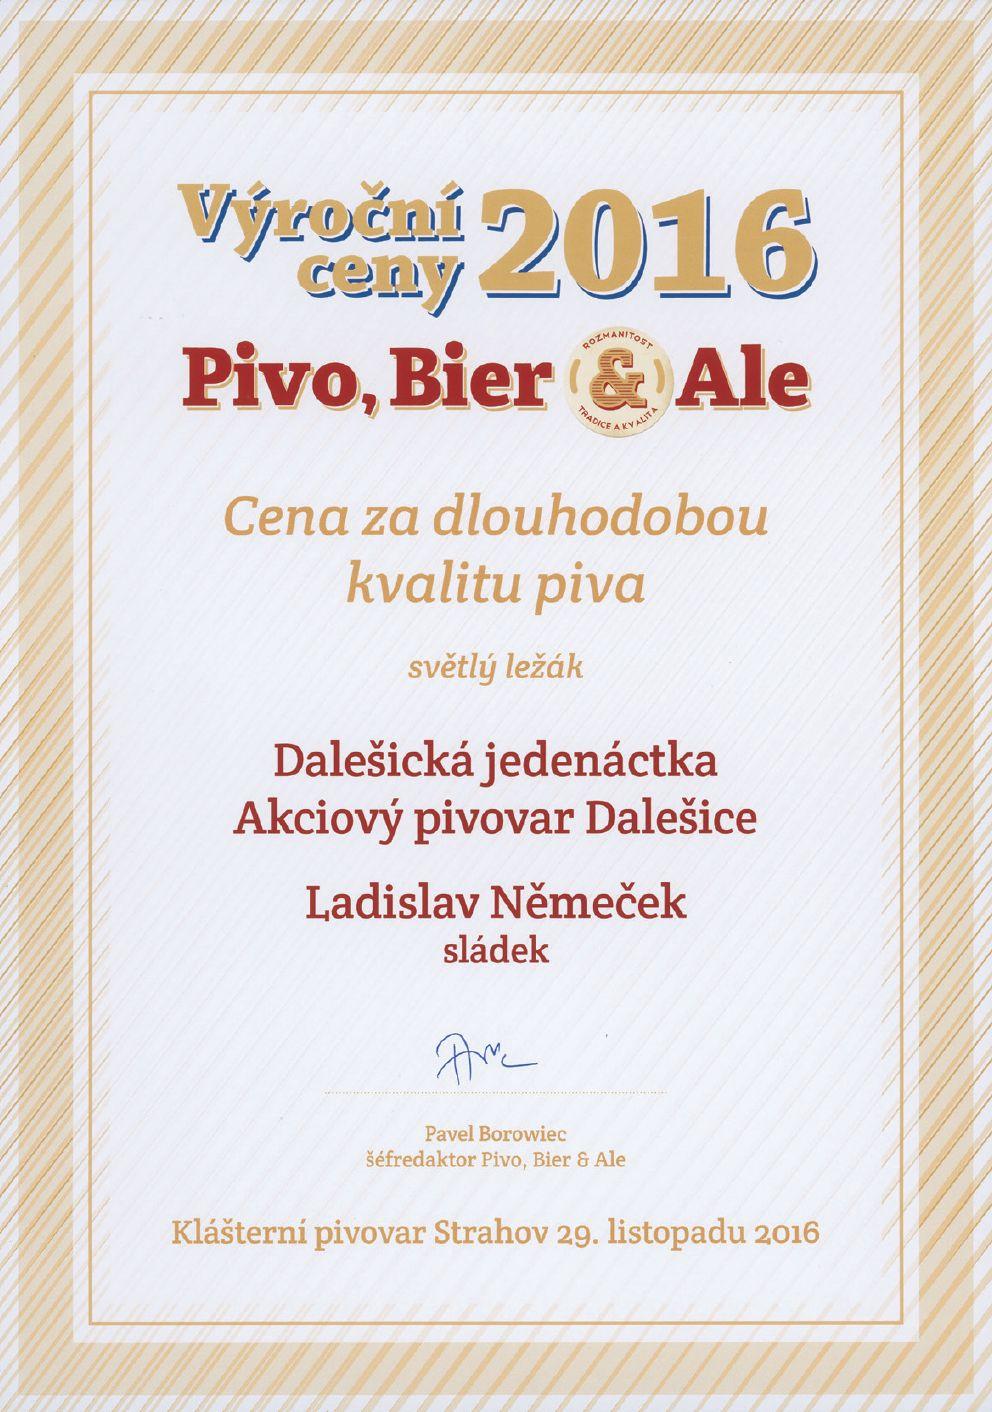 07-vyrocni_cena_11_2016.jpg